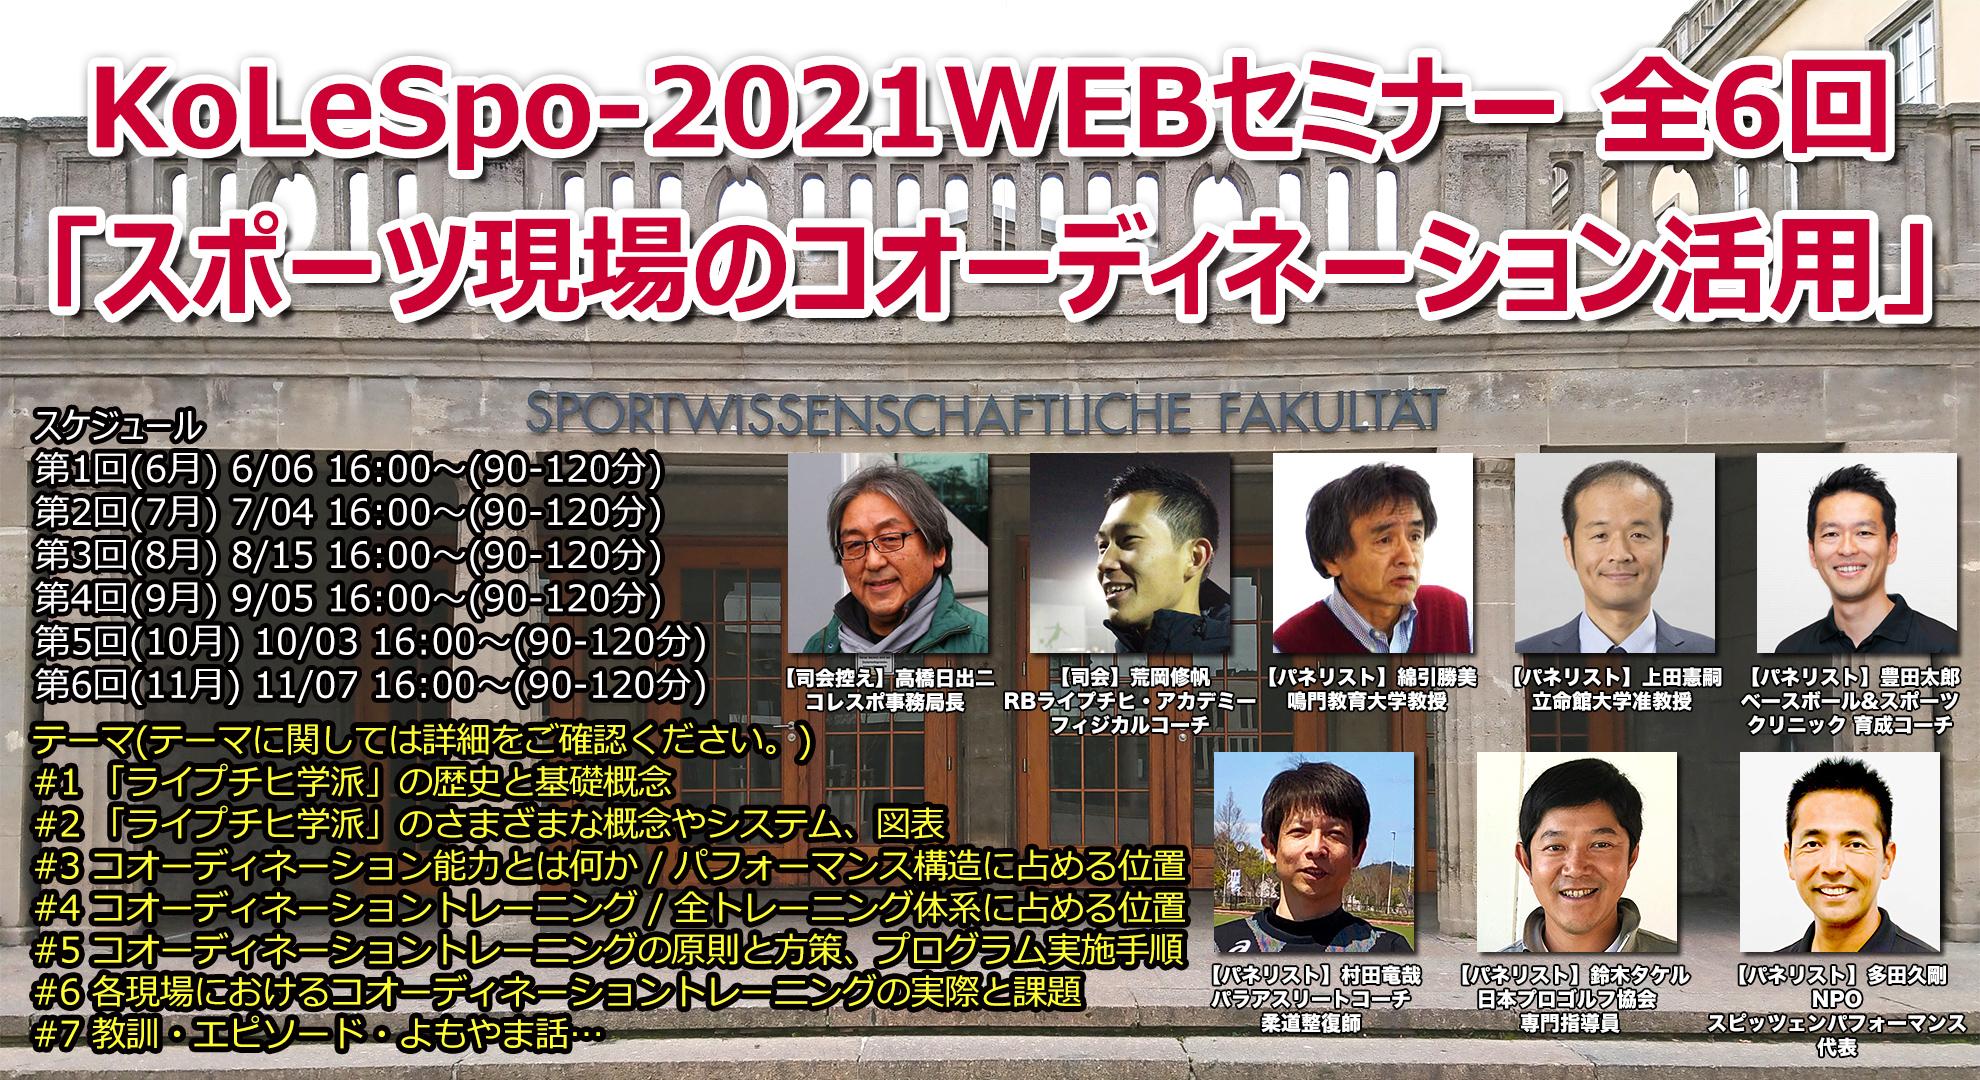 KoLeSpo-2021WEBセミナー 第3回(8月) 「スポーツ現場のコオーディネーション活用」